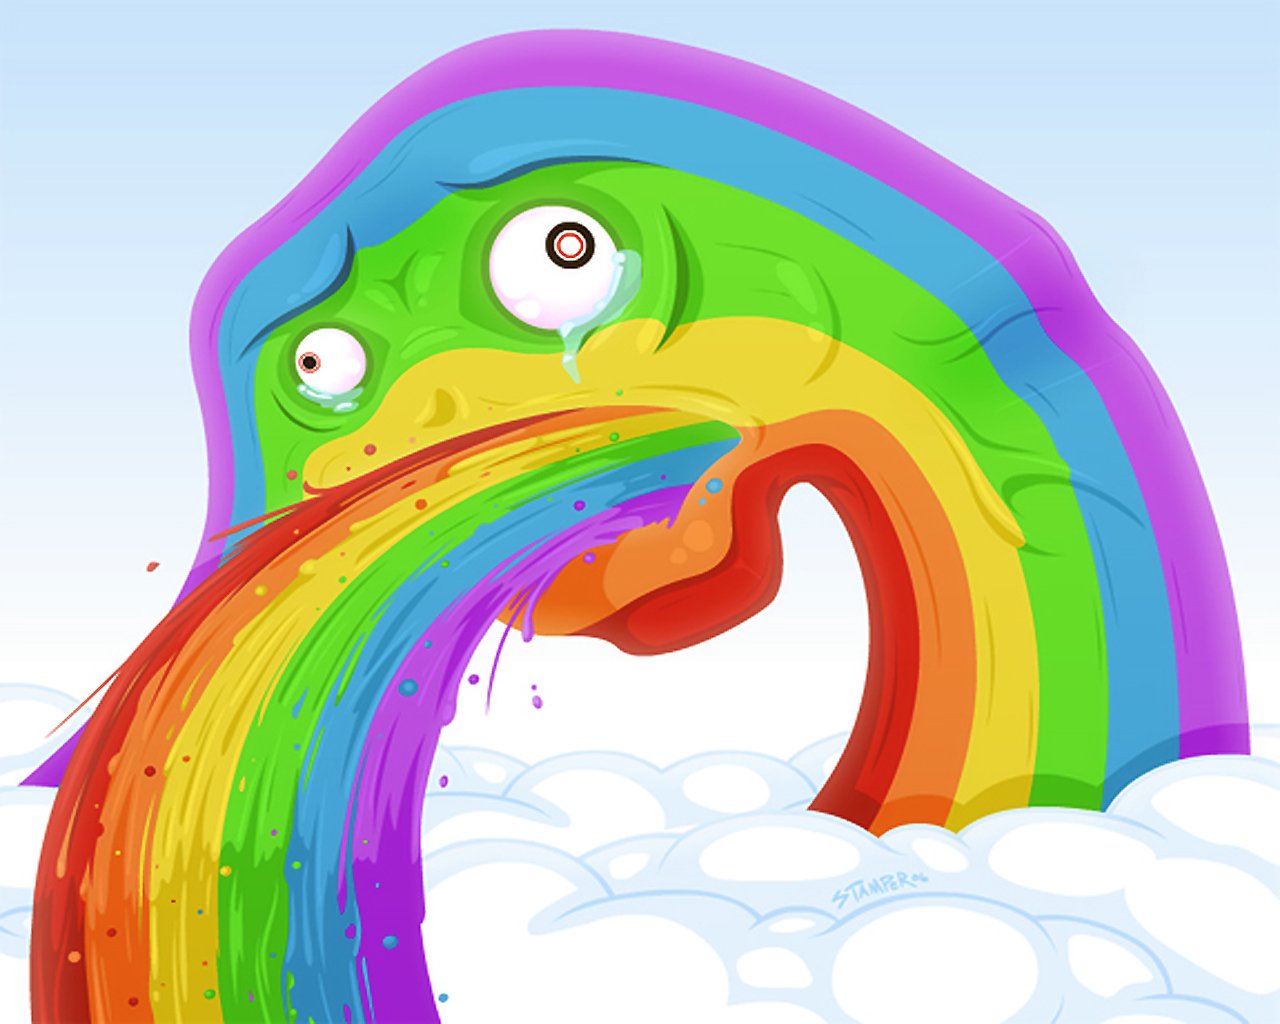 Поздравление подружке, смешные картинка с радугой